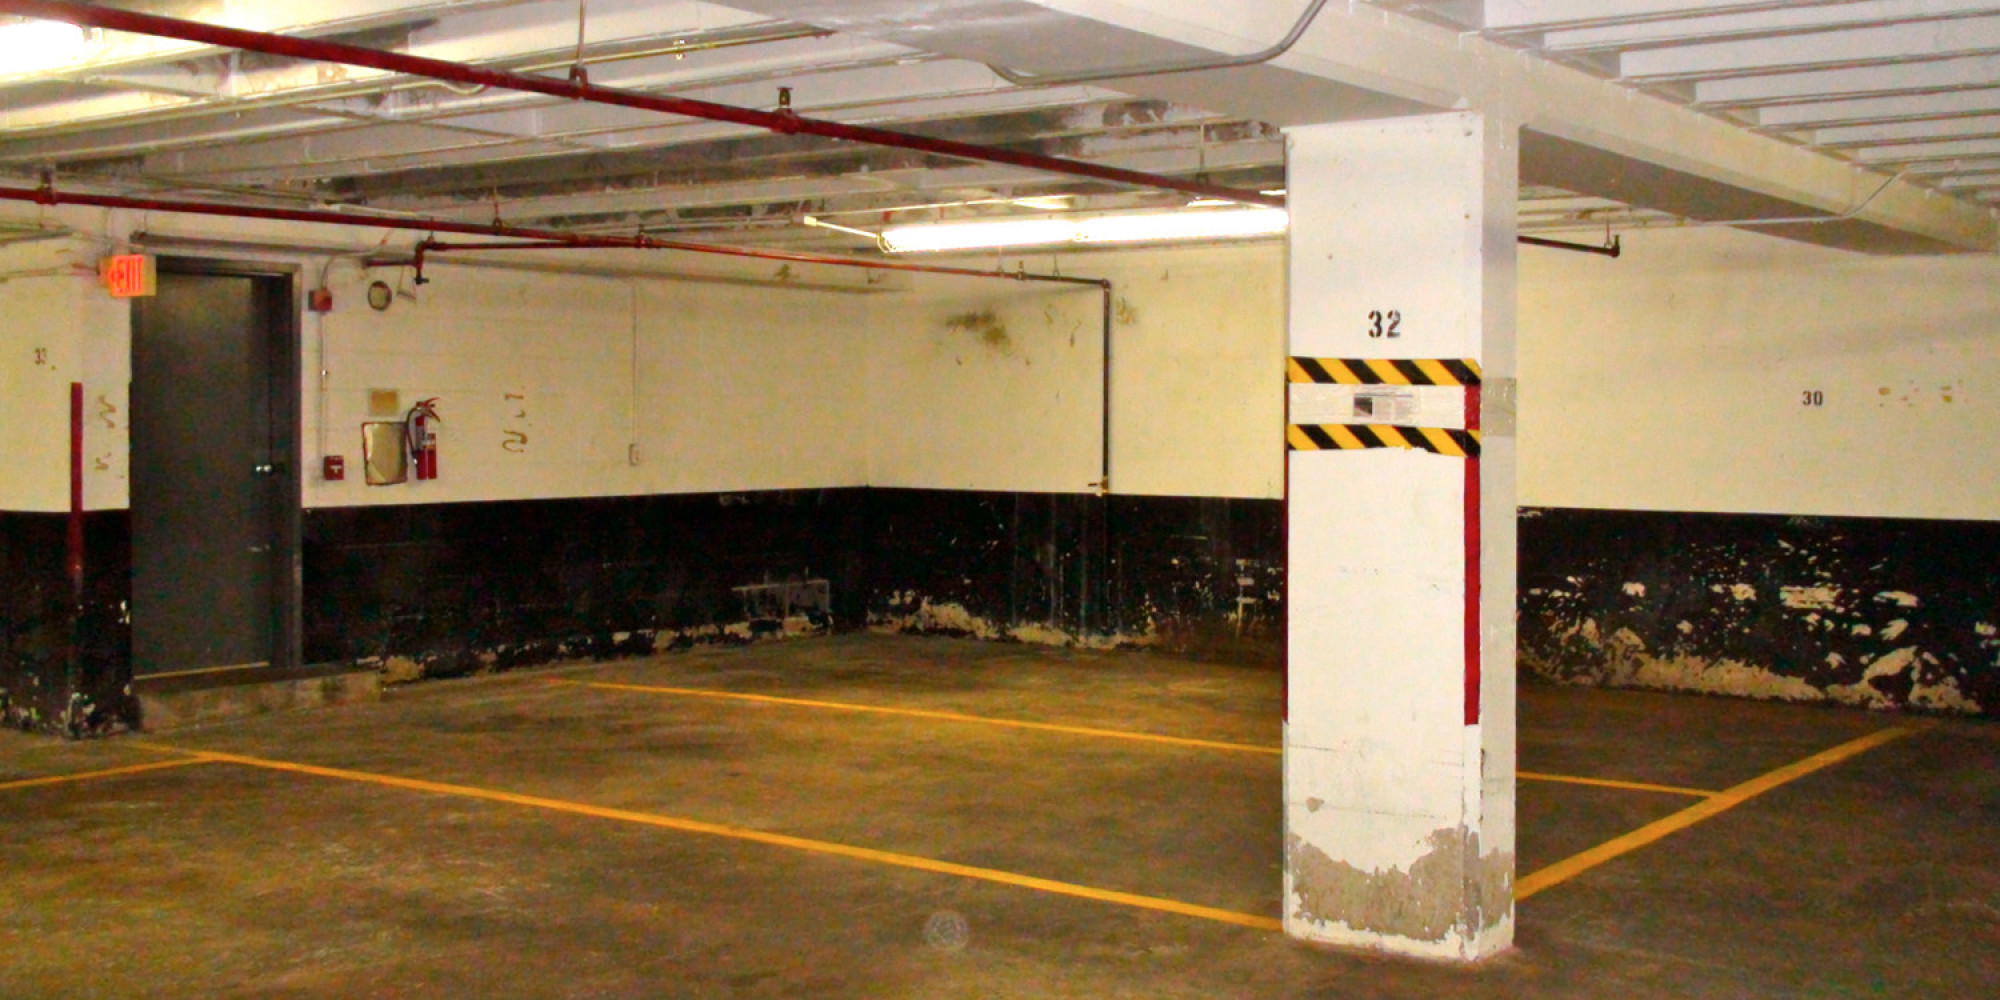 Parking space D32